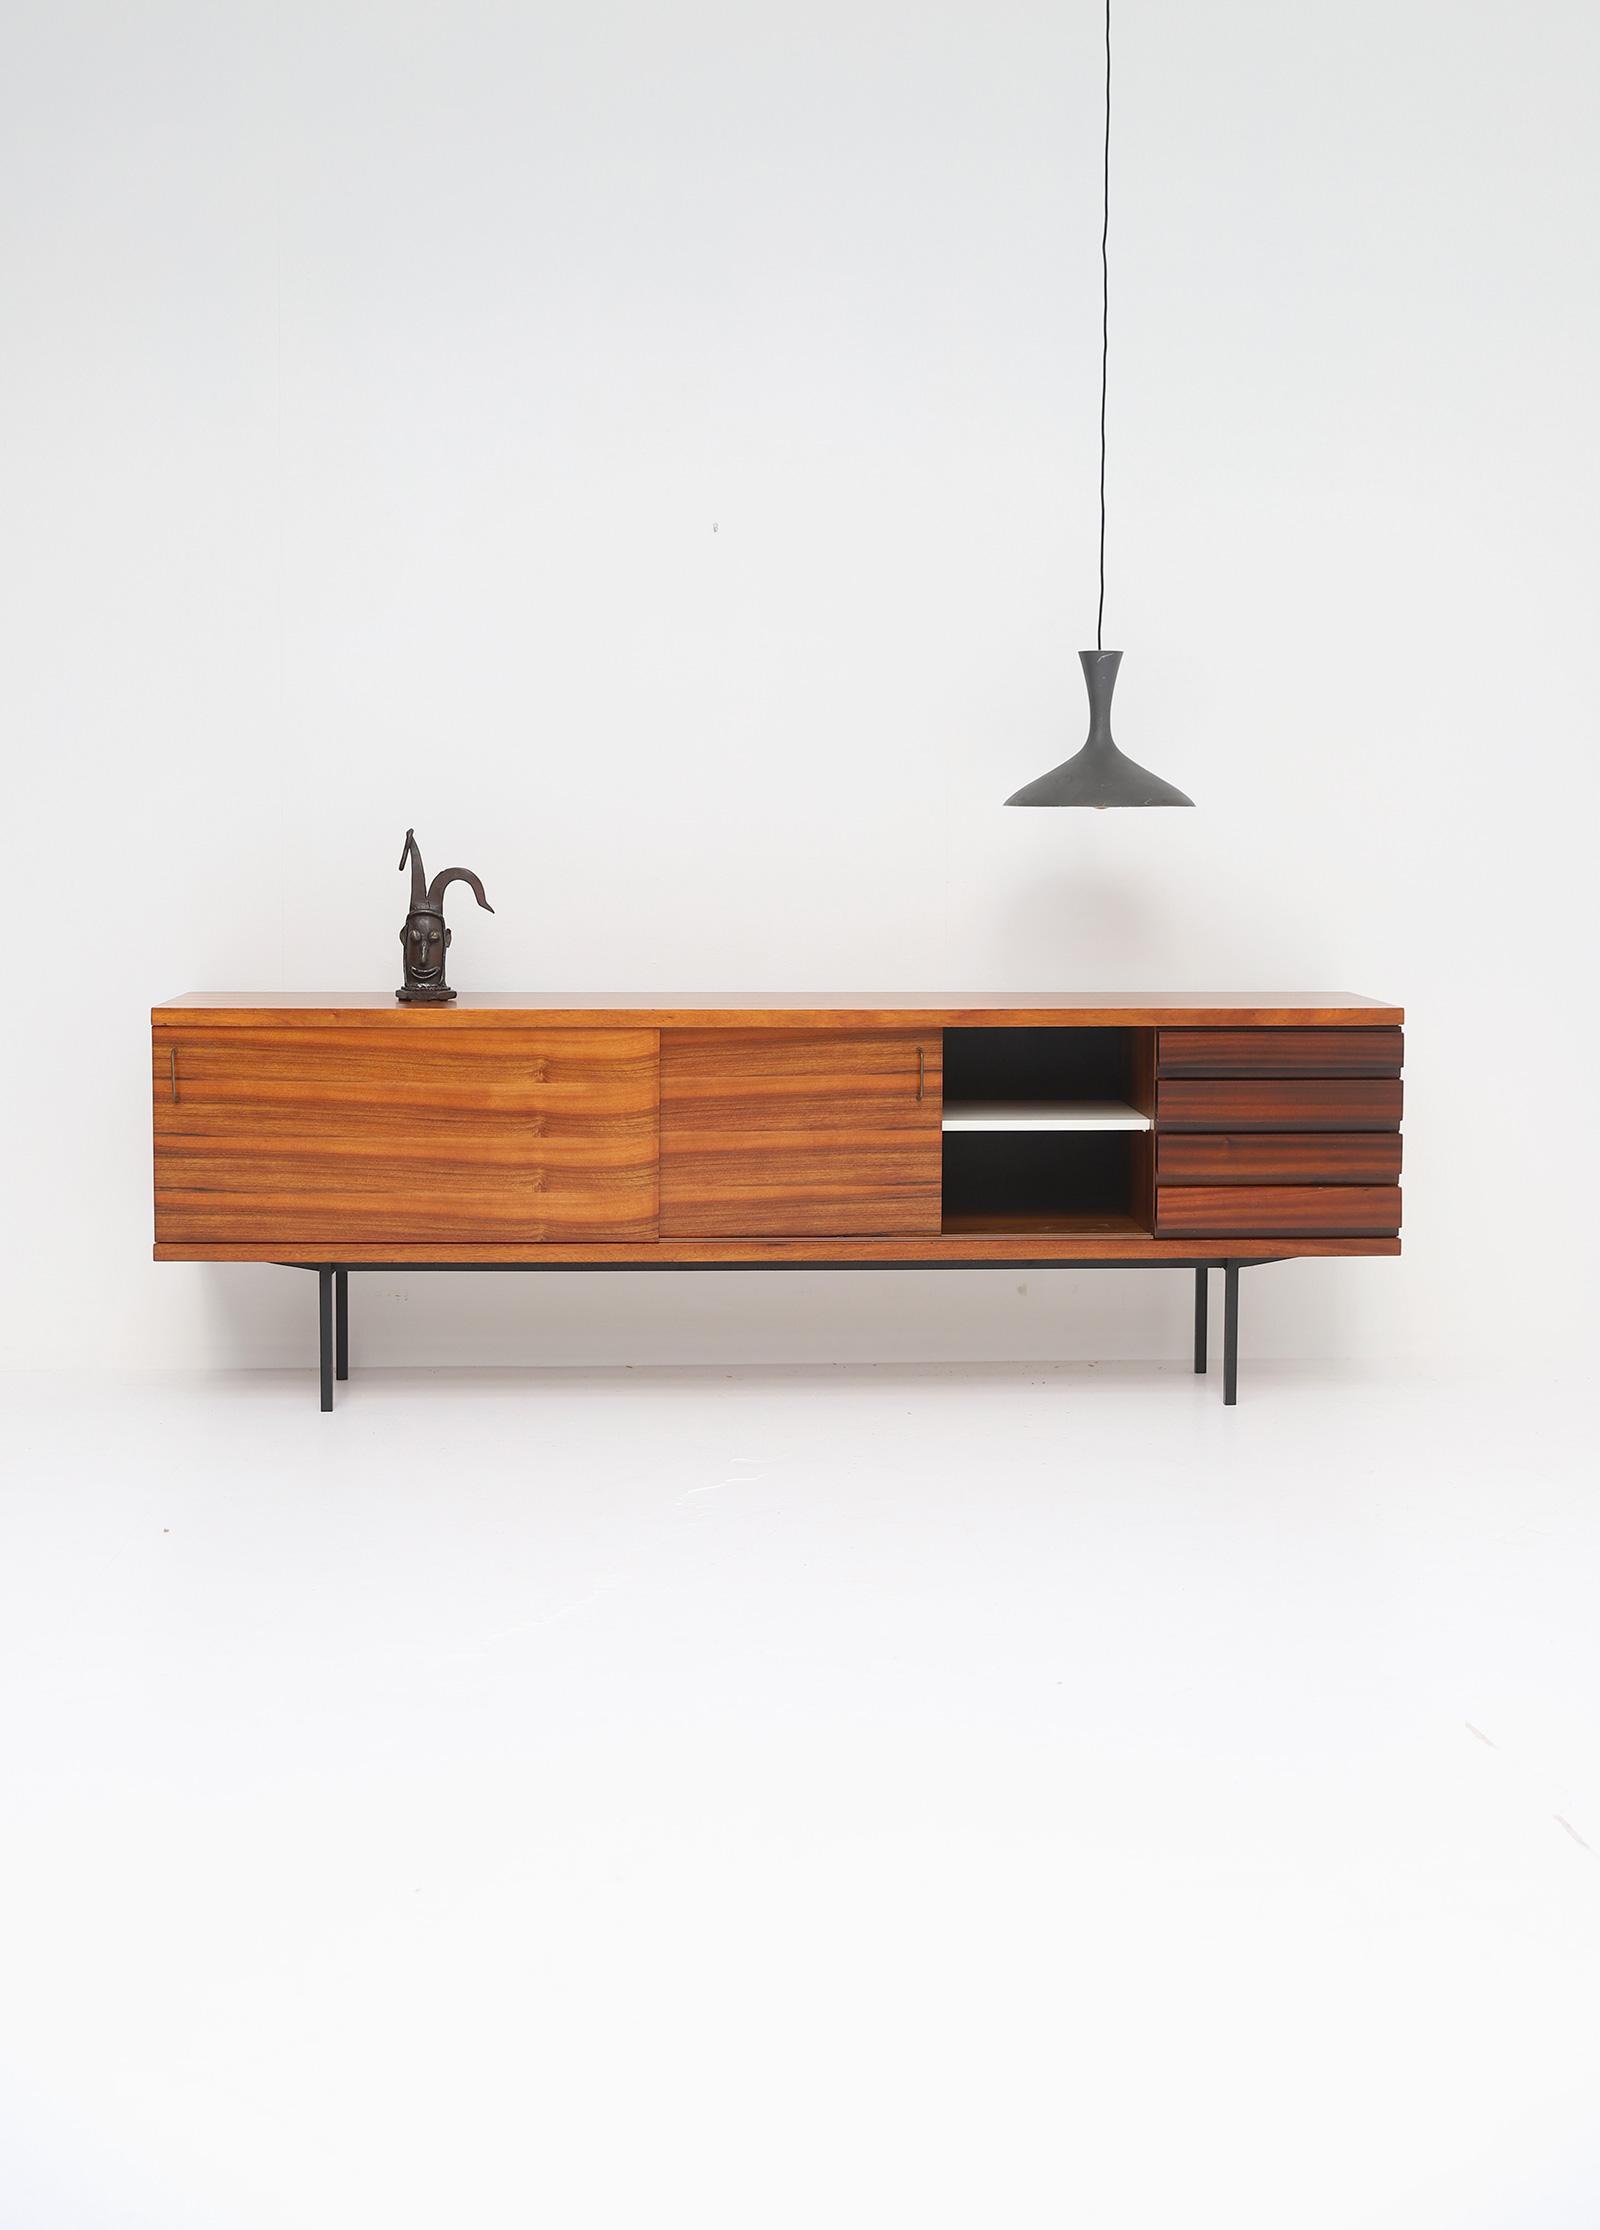 Luxus Sideboard by Jos De Mey 1950simage 16